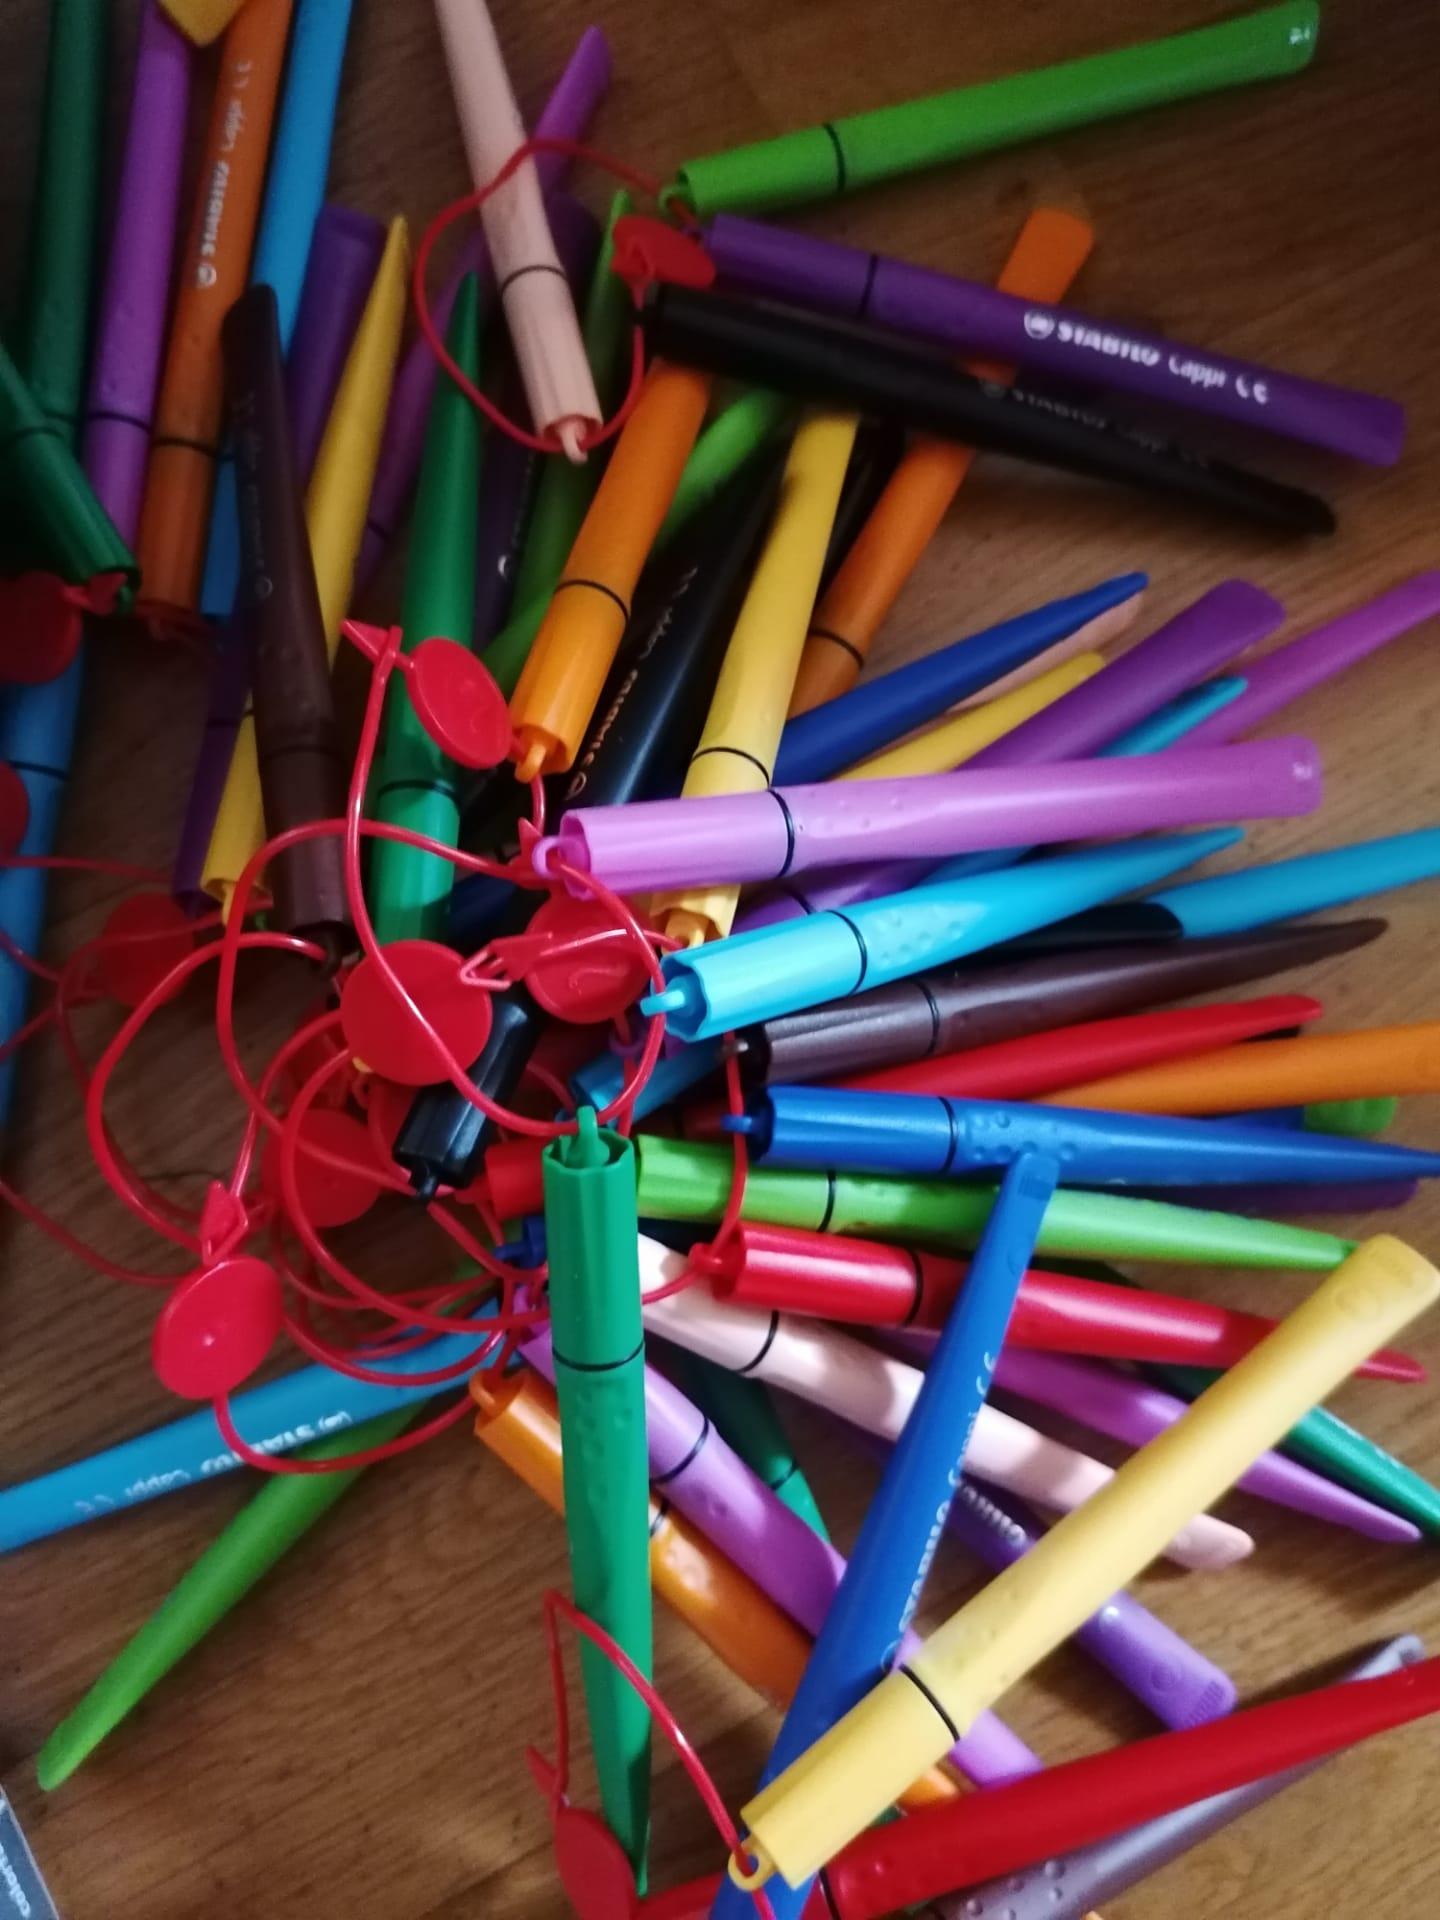 Schreibwaren zum neuen Schuljahr (Bild: waytoafrica.ch)